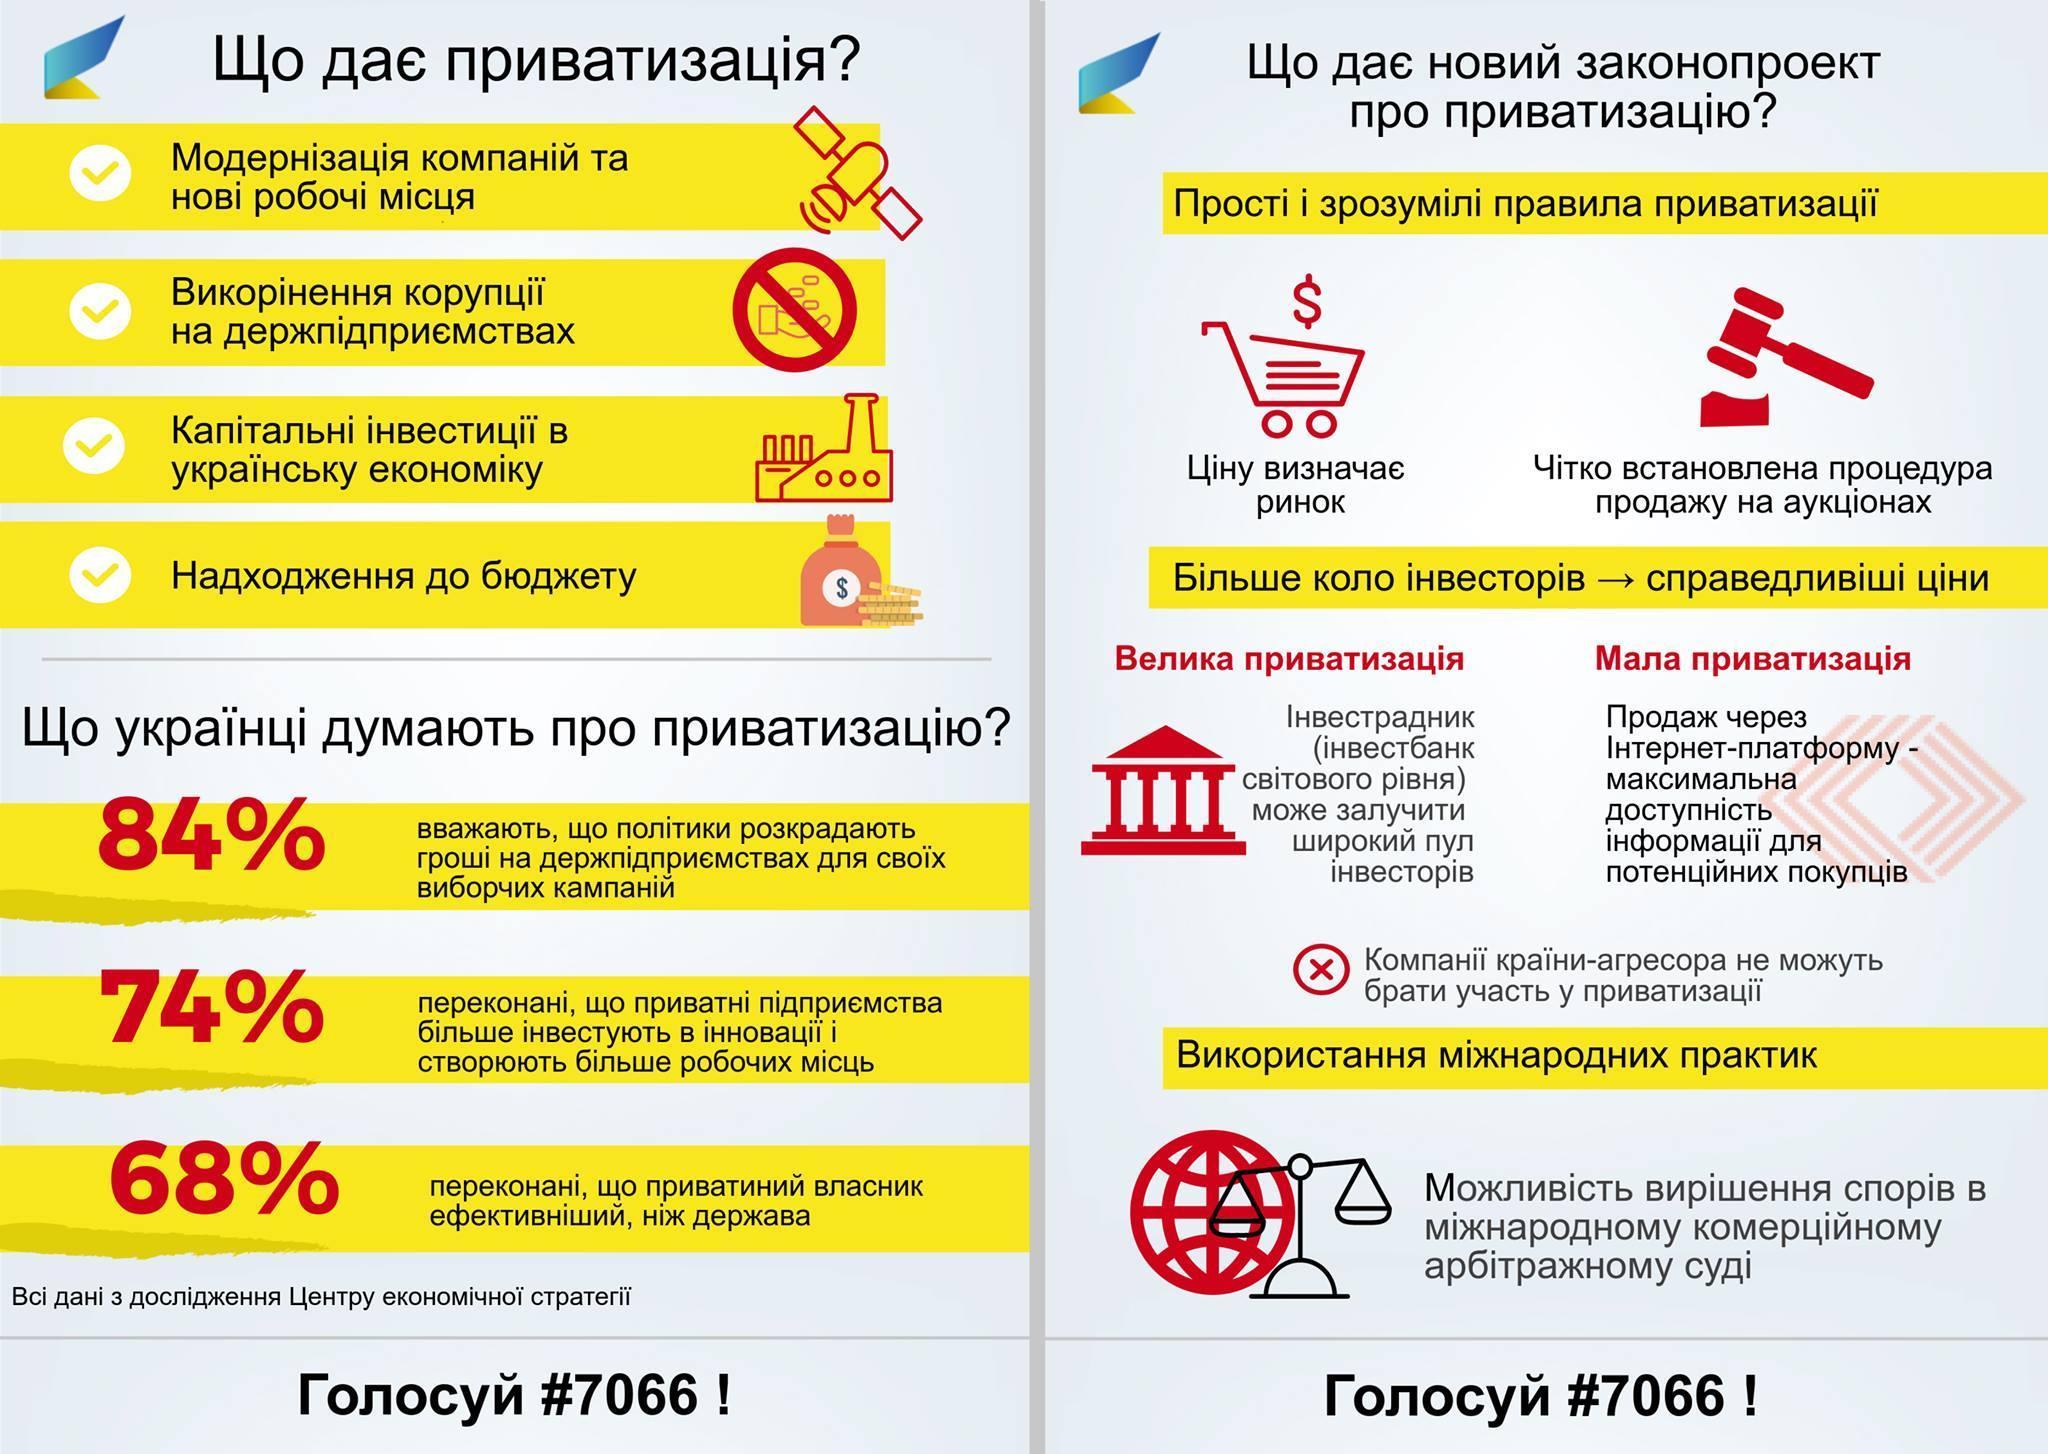 5 найбільших провалів 2017 року, які тягнуть українську економіку на дно